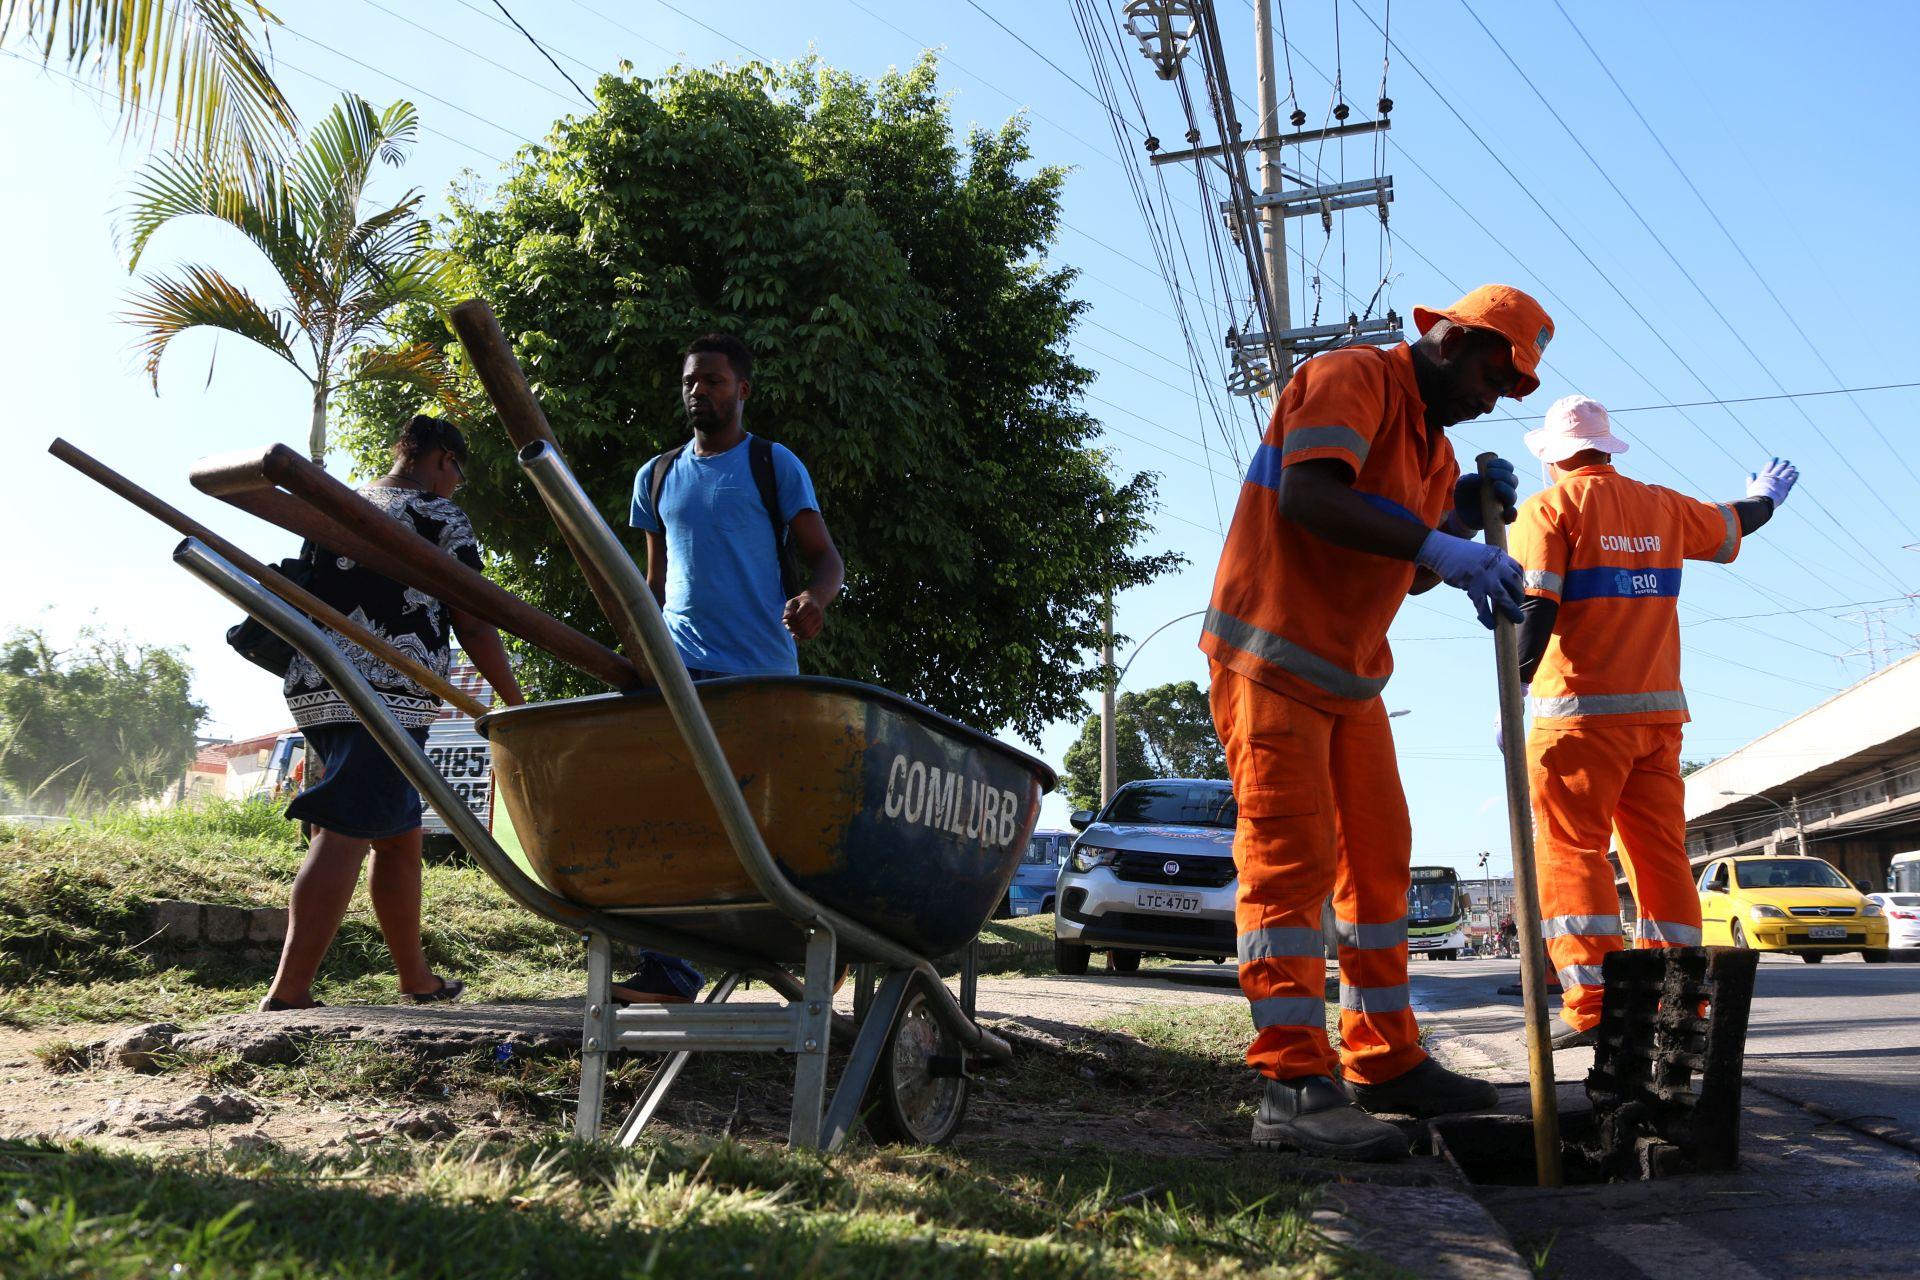 Comlurb Mais: mutirões de limpeza retornam à Zona Norte neste sábado